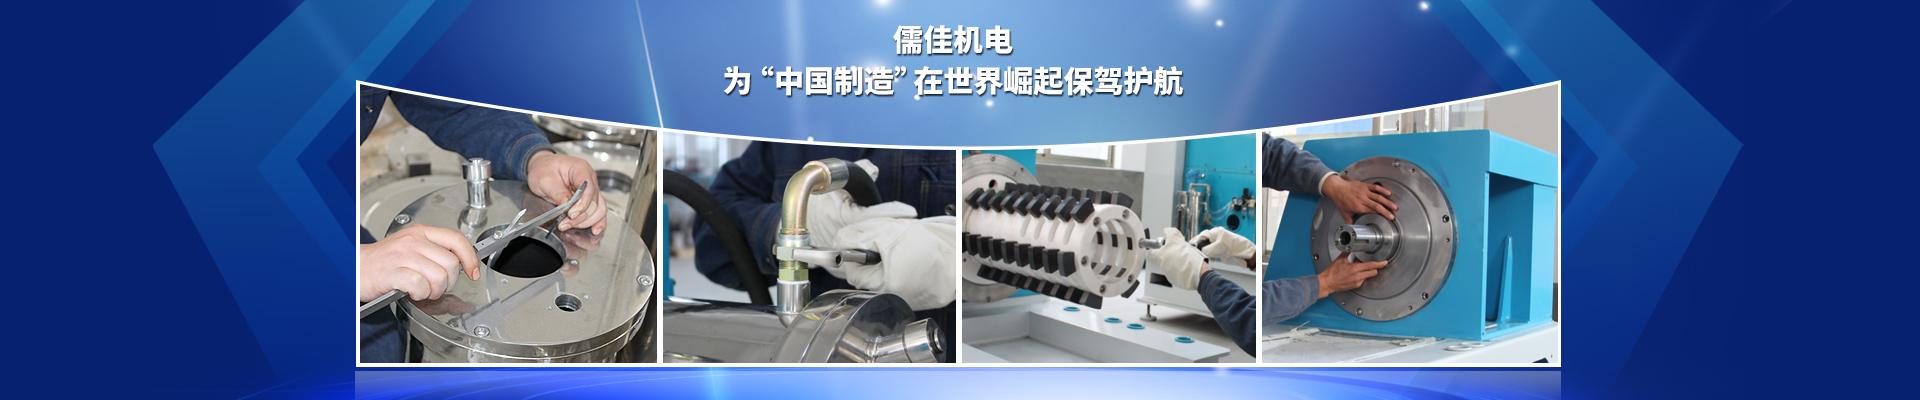 儒佳-为中国制造在世界崛起保驾护航